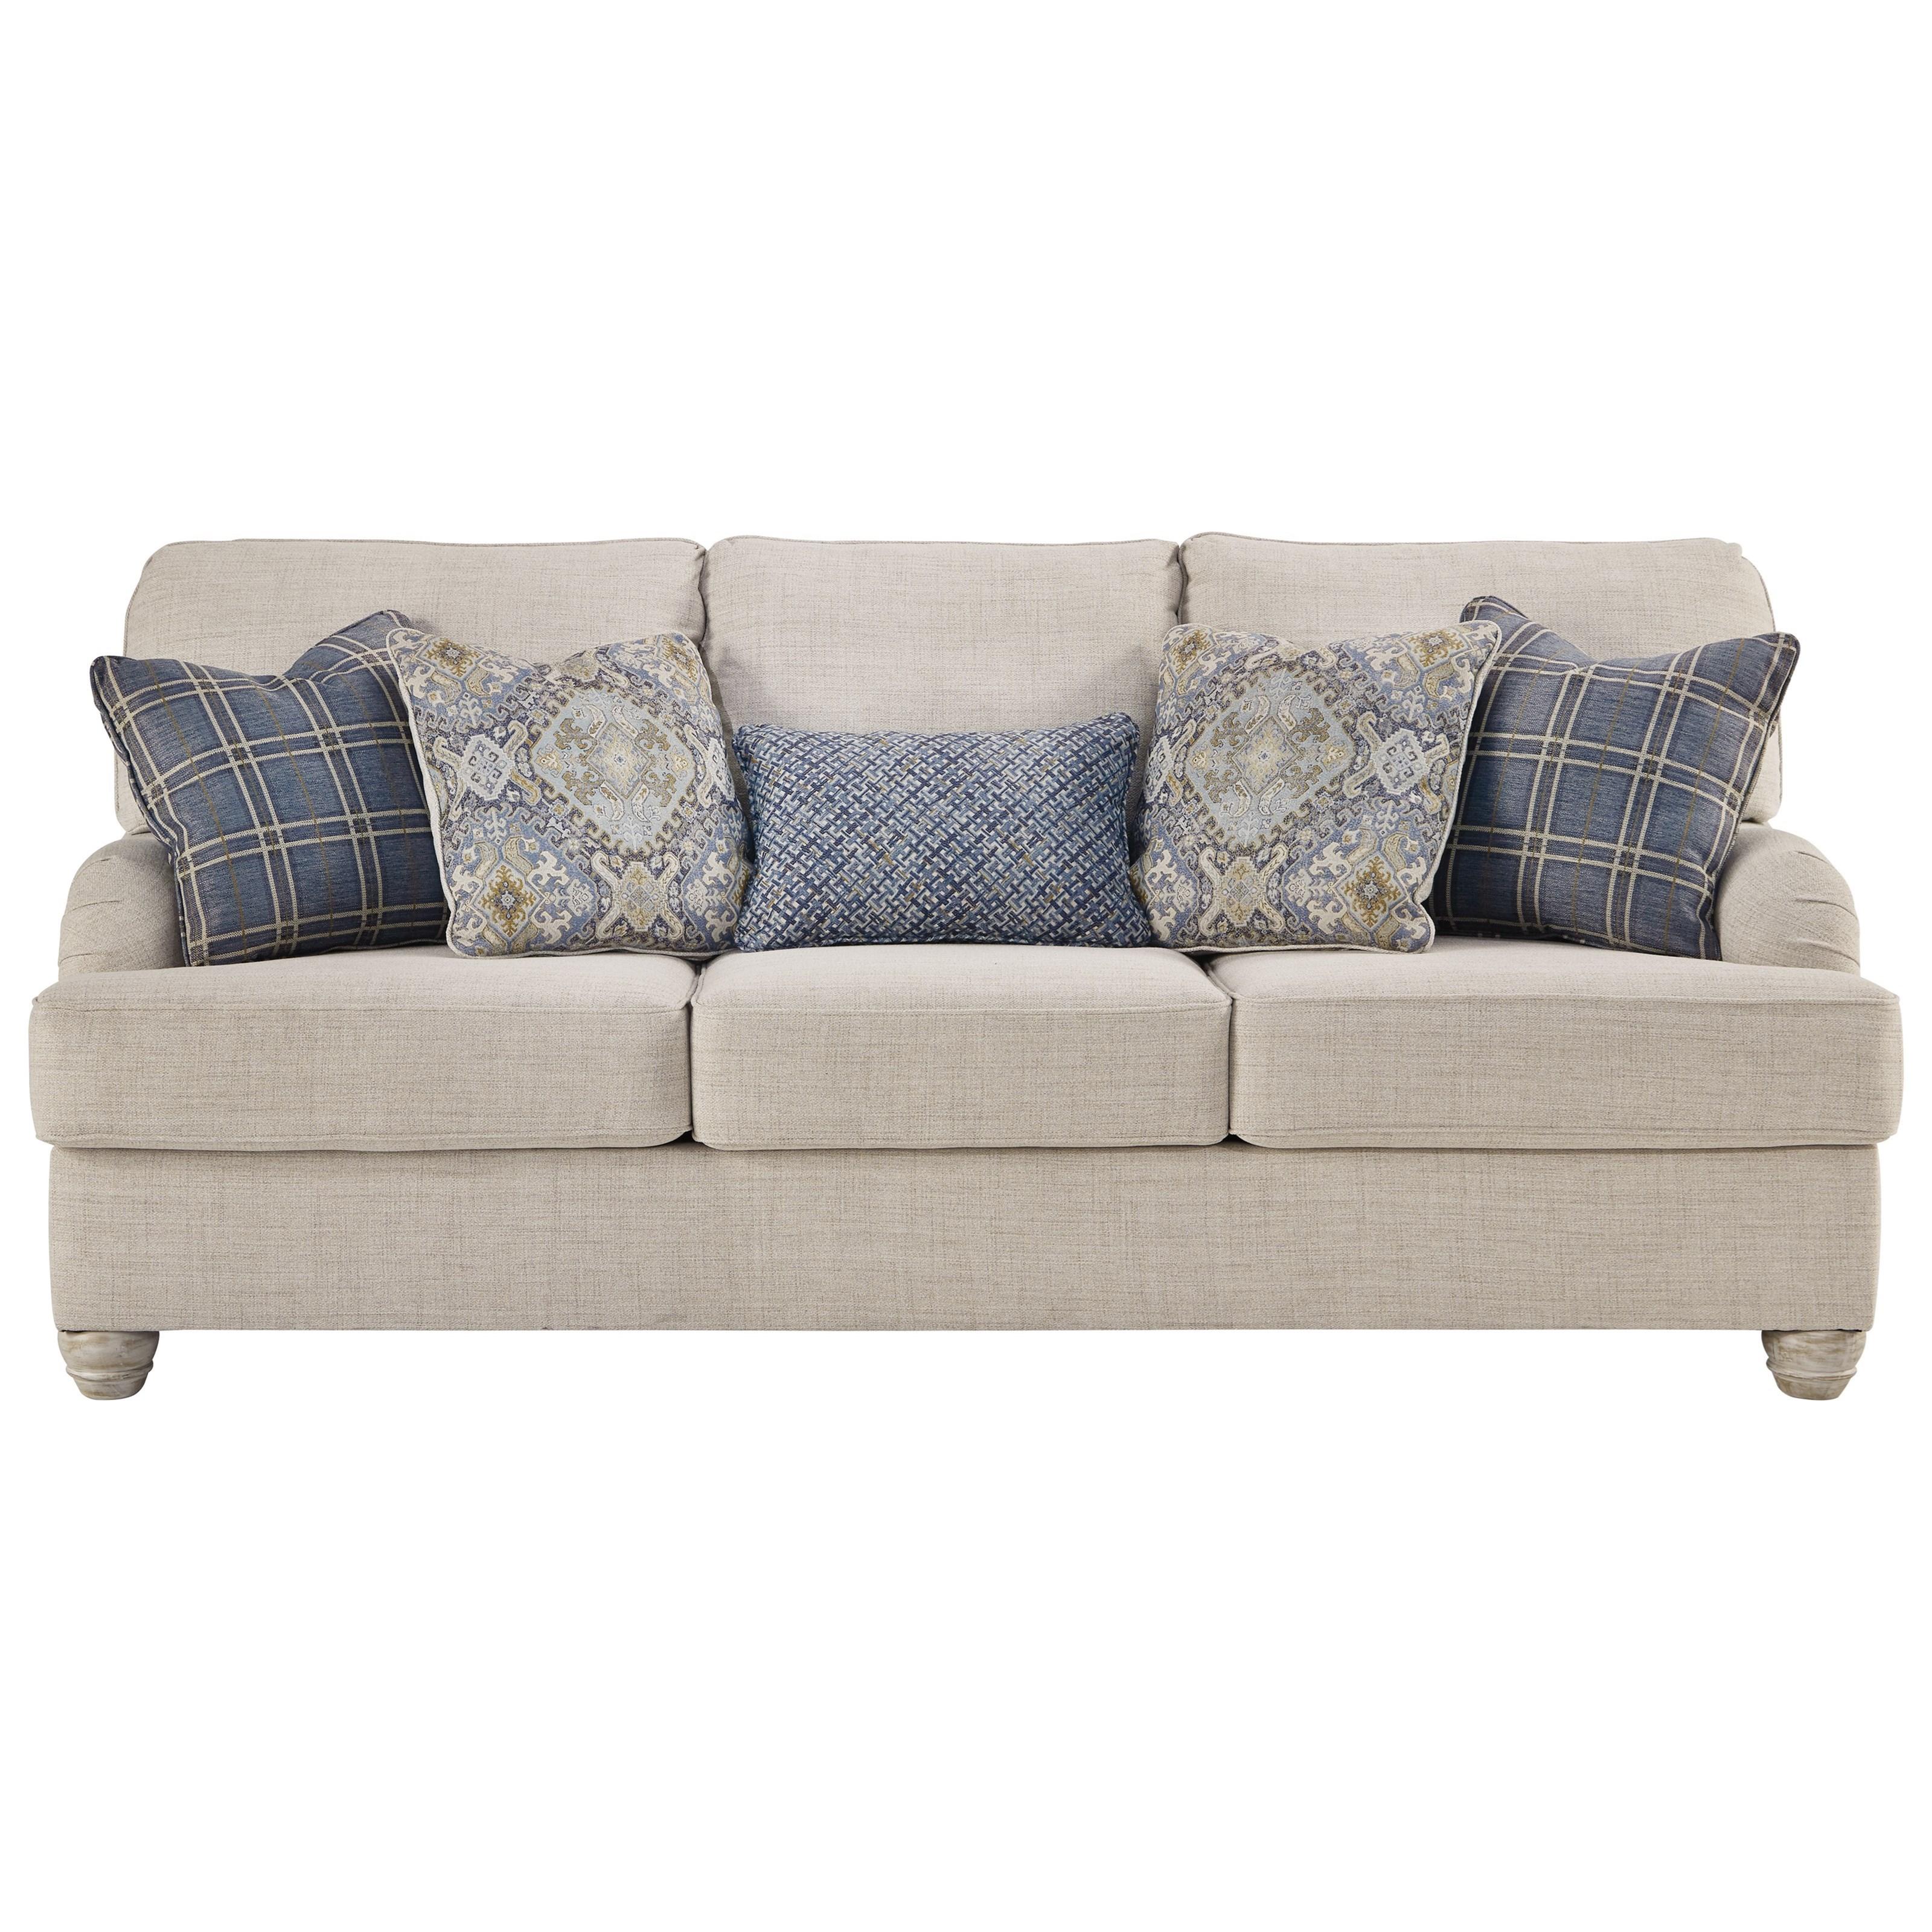 Benchcraft Traemore Sofa - Item Number: 2740338